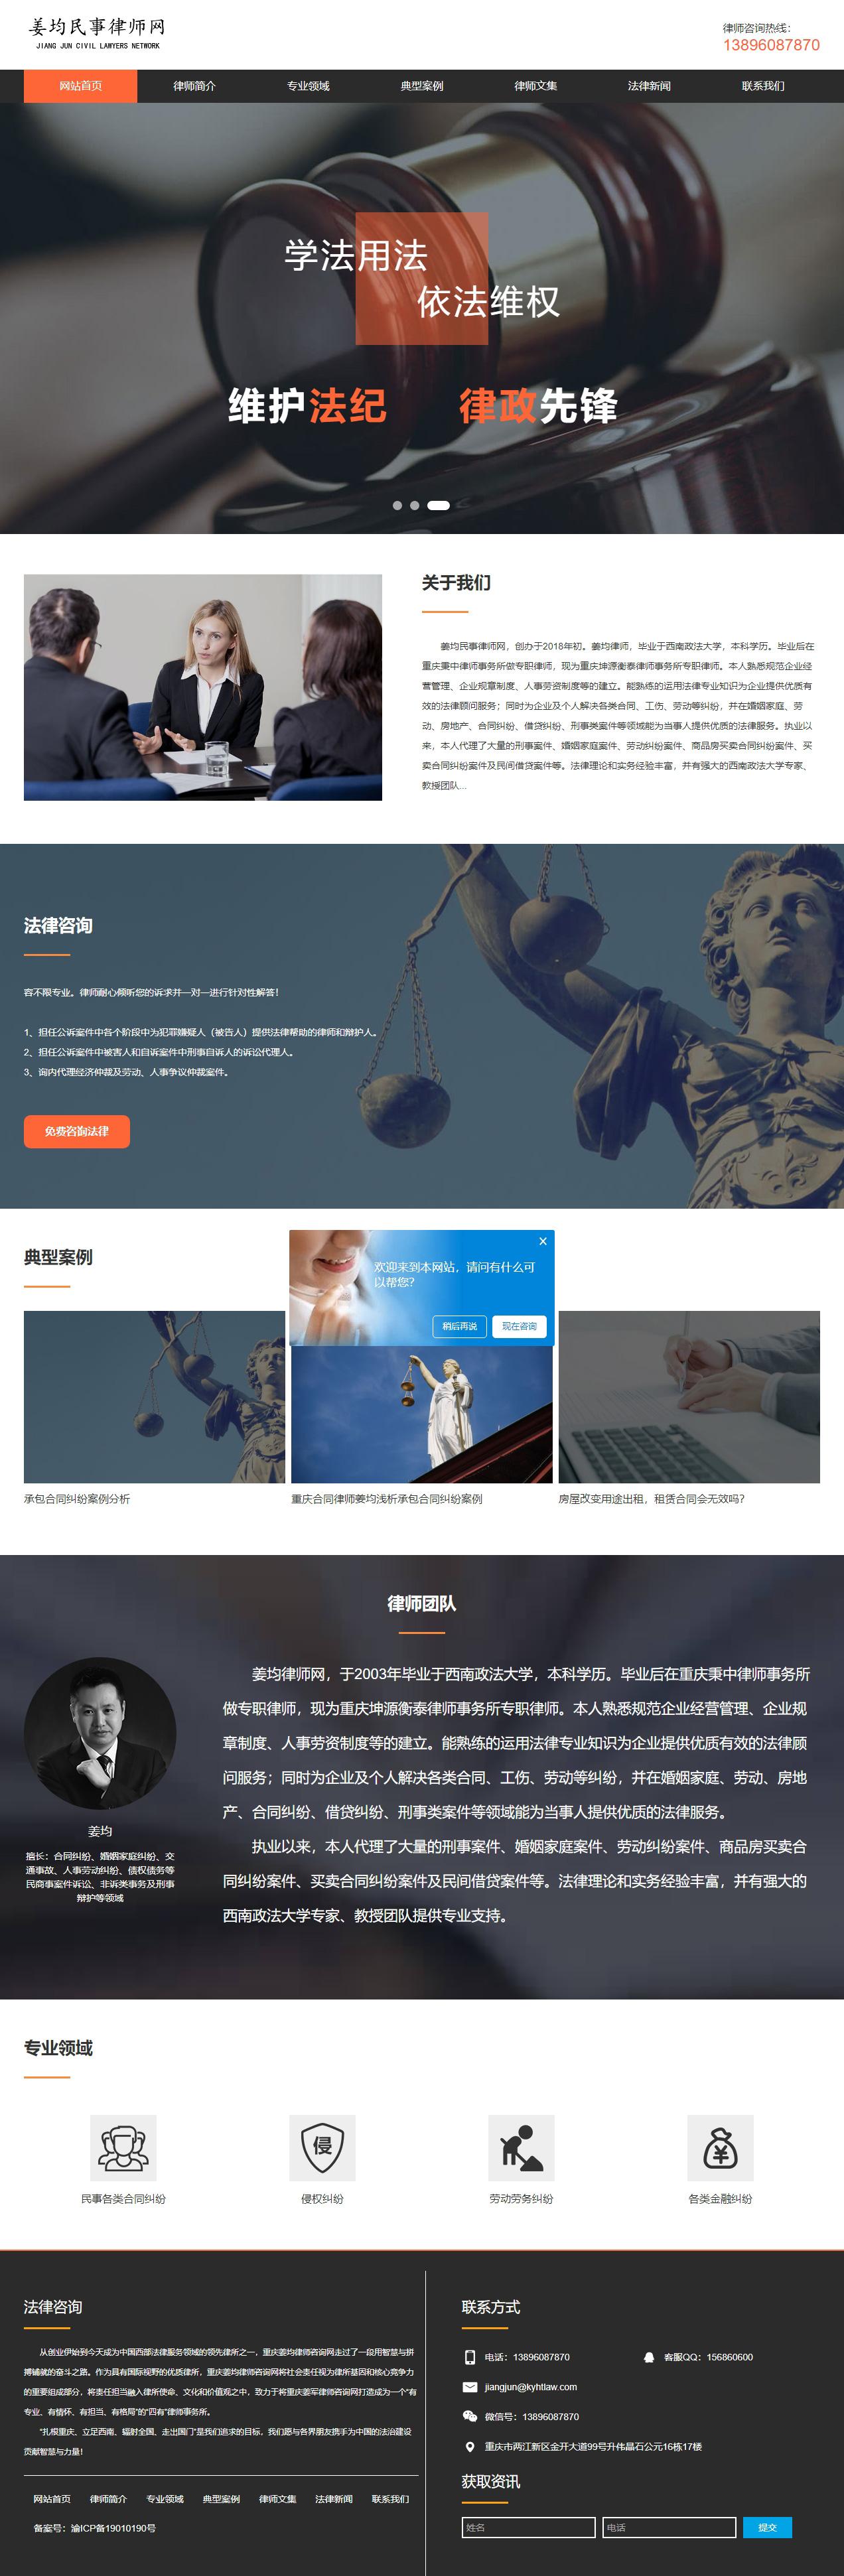 姜均民事律师网